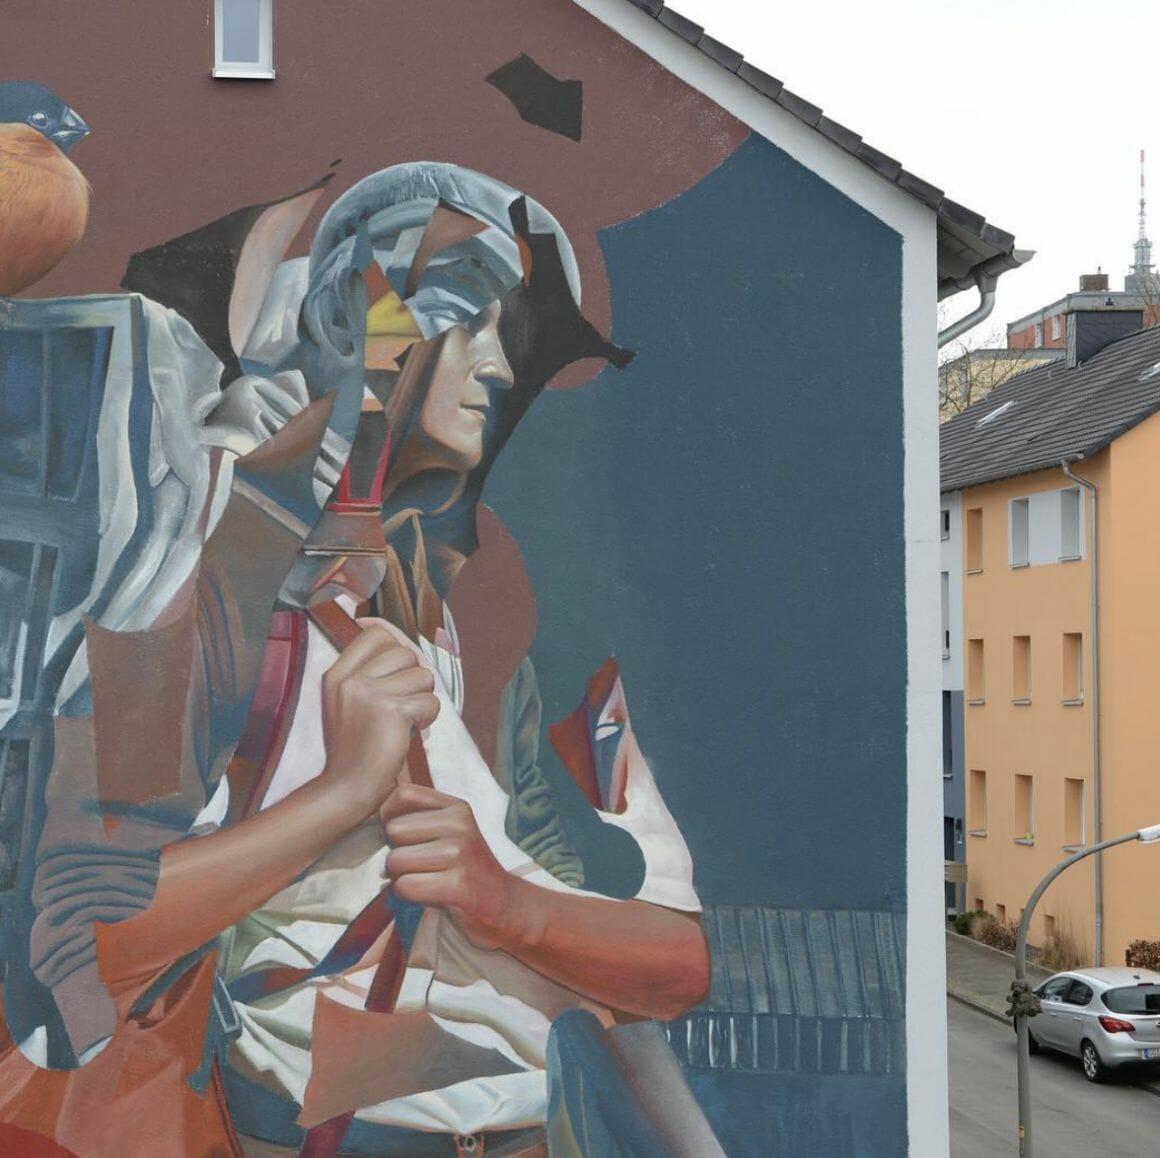 Peinture murale dans une ville Telmo Miel